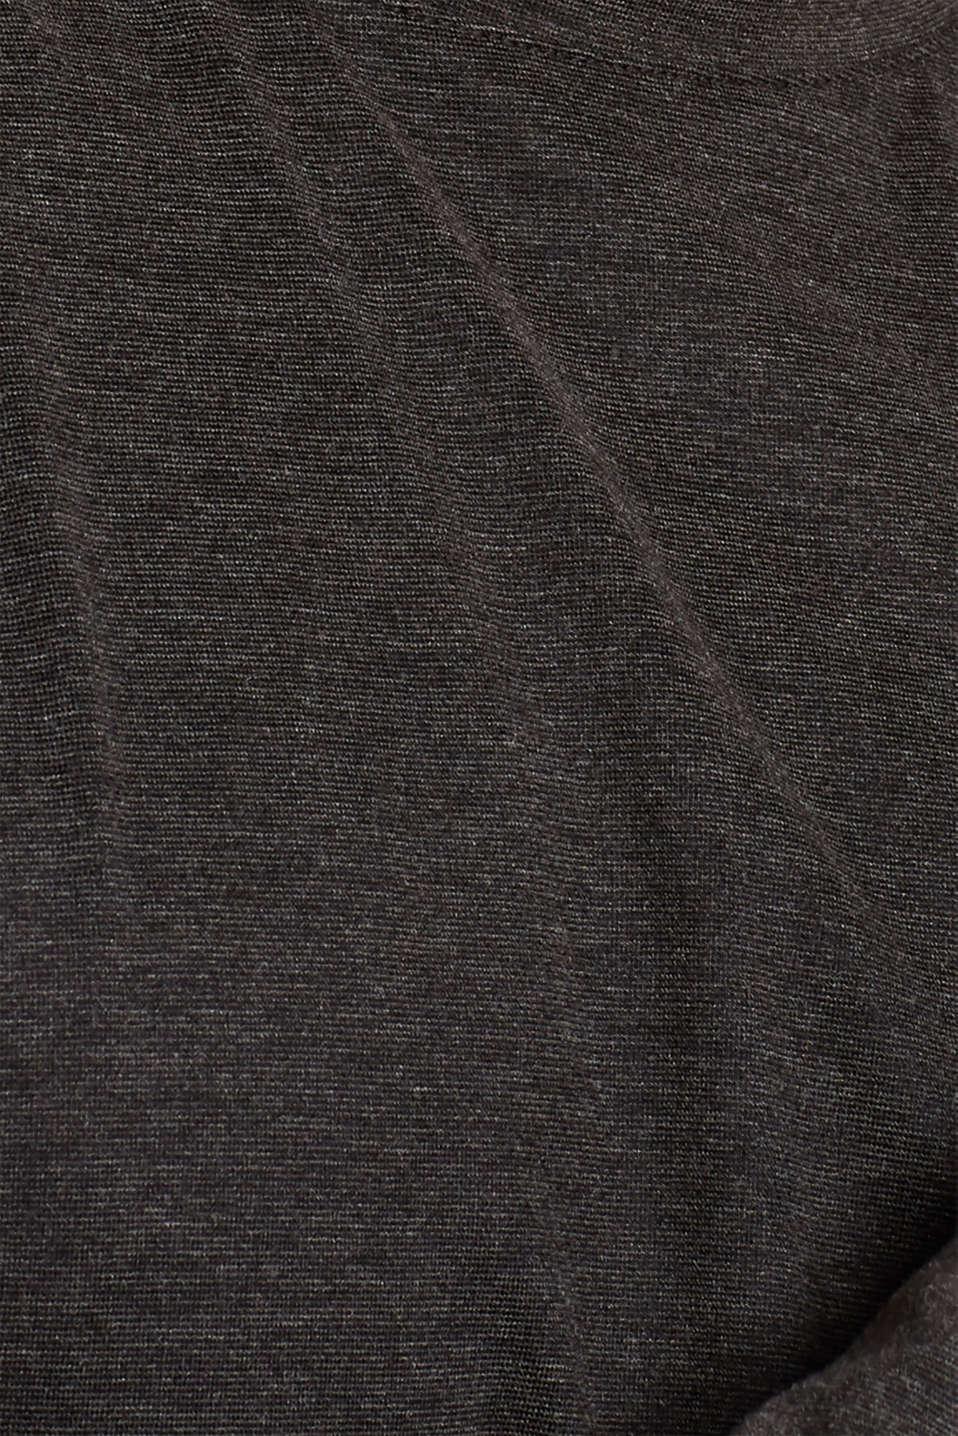 Warming jersey top, DARK GREY, detail image number 5